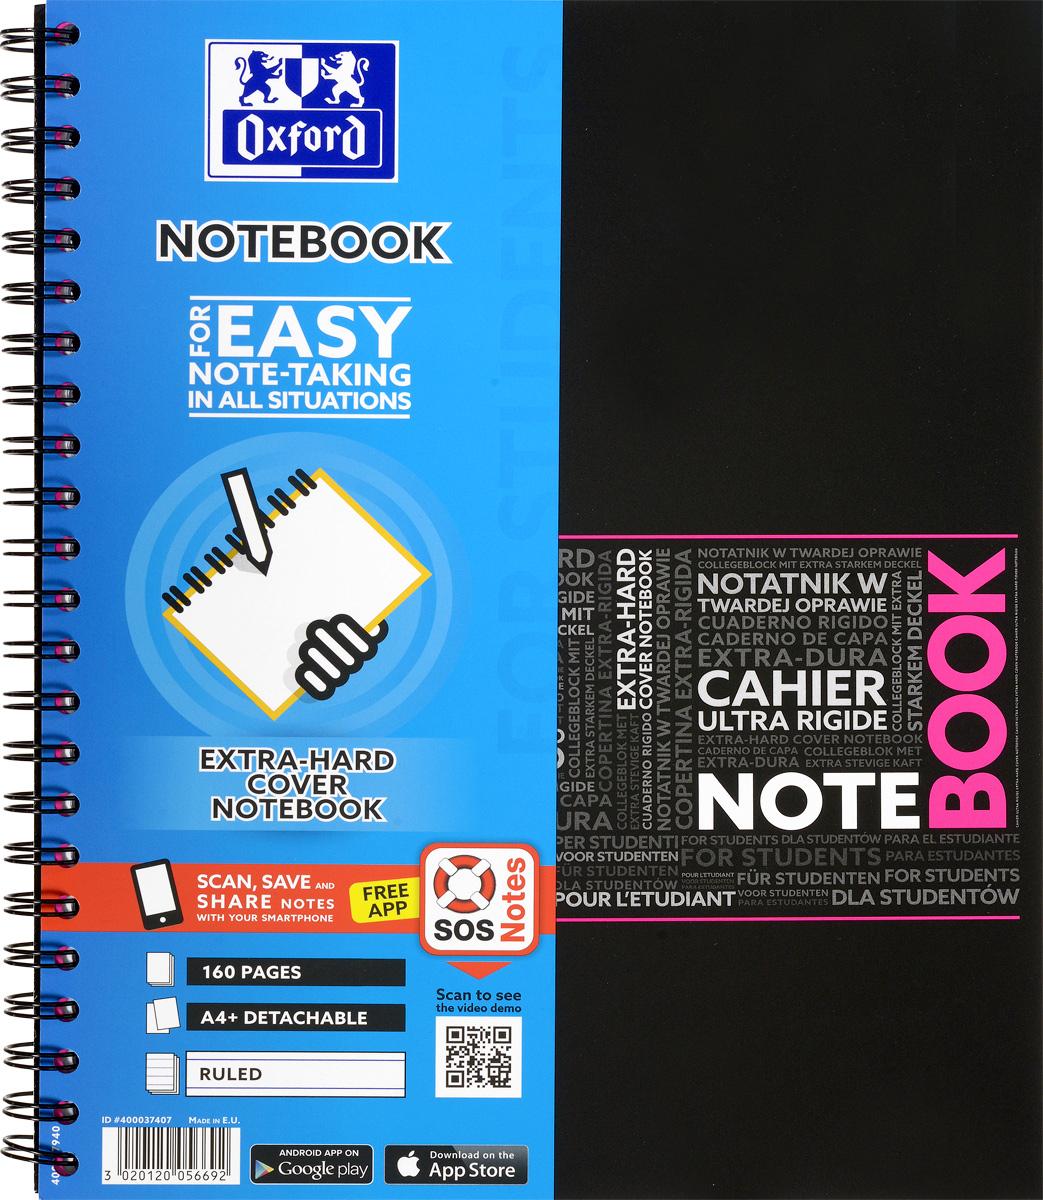 Oxford Тетрадь Sos Notes 80 листов в линейку цвет розовый oxford тетрадь international easybook 80 листов в клетку формат а4